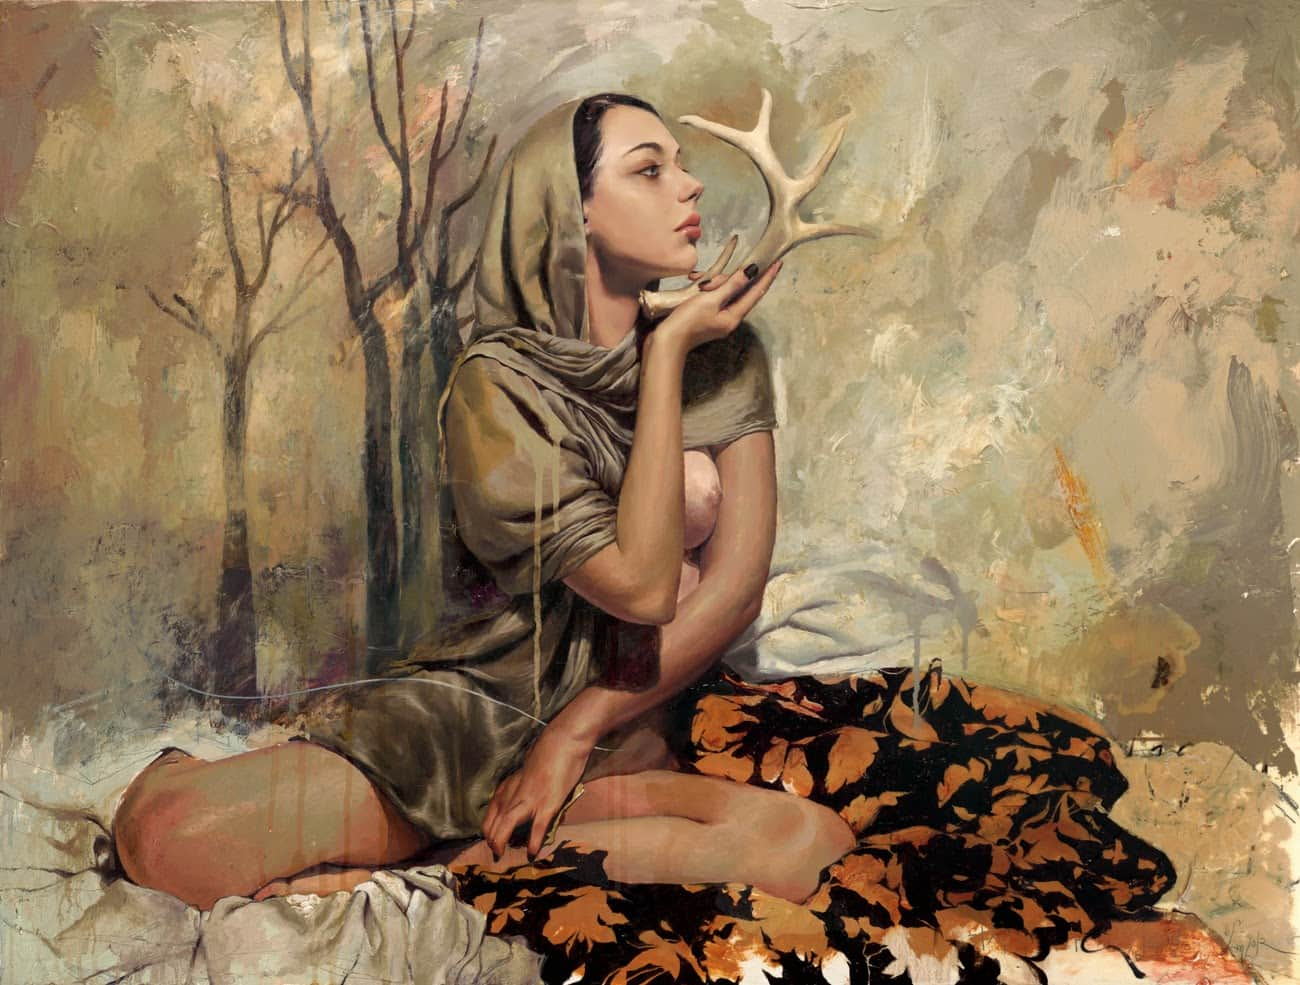 Woman illustration by Soey Milk